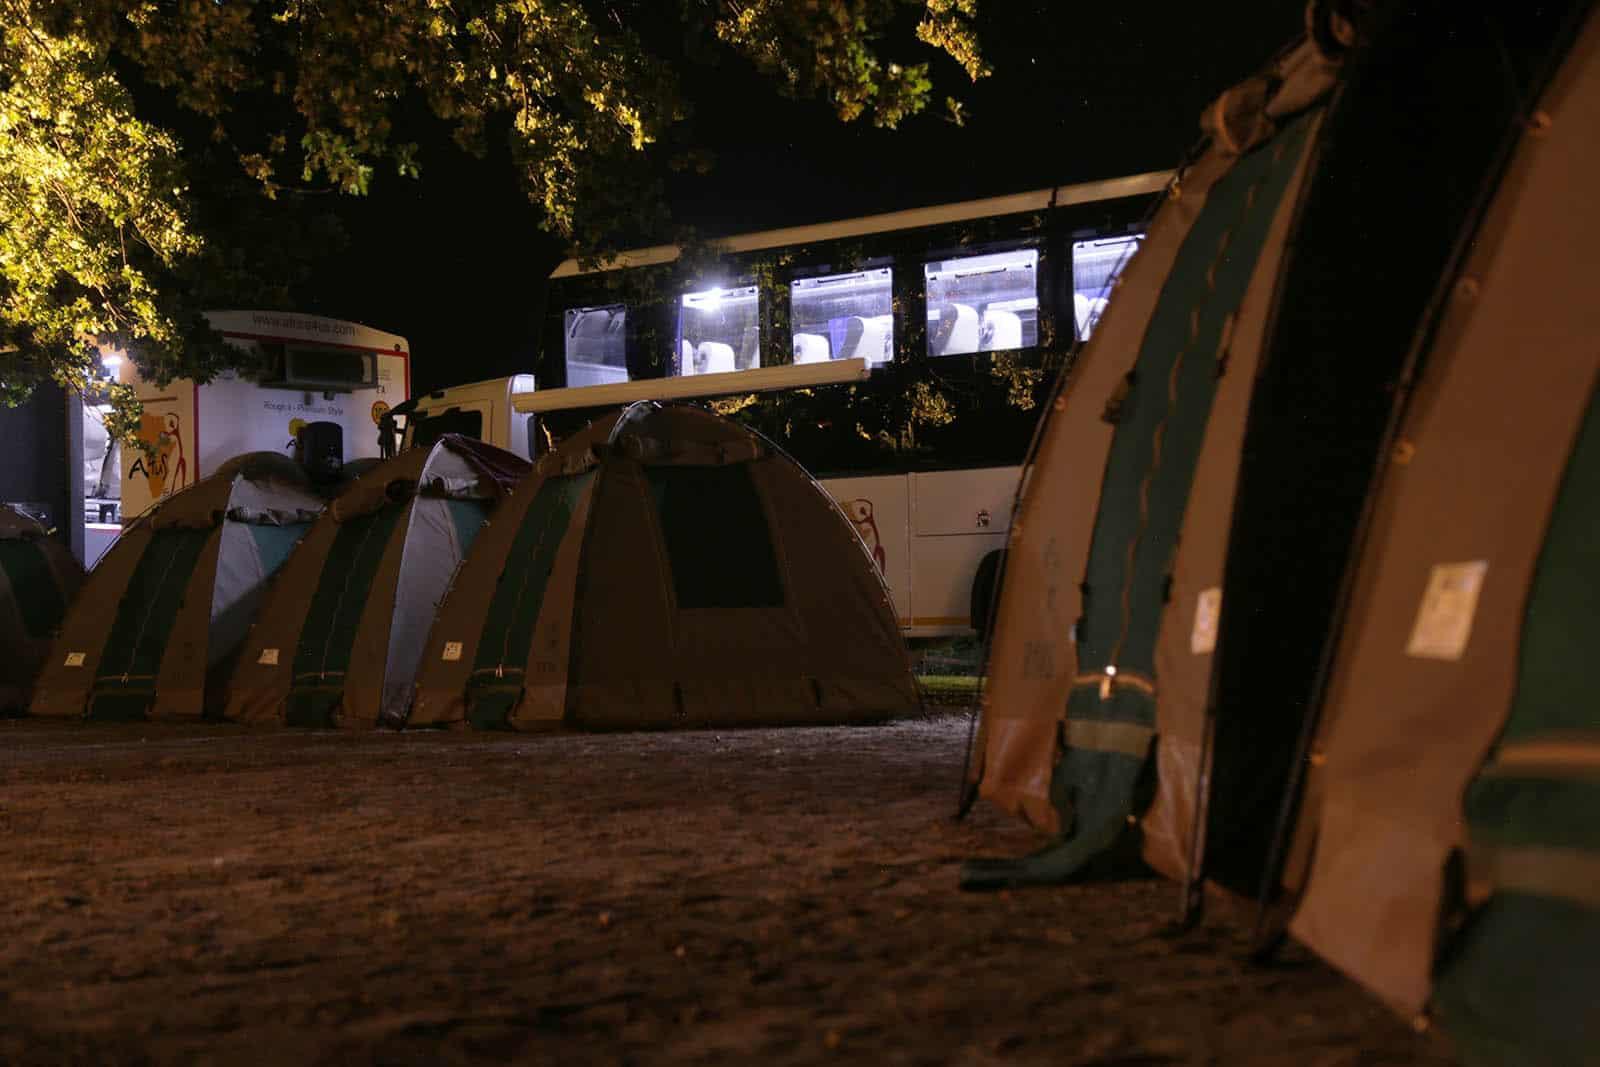 Camping At Night 1